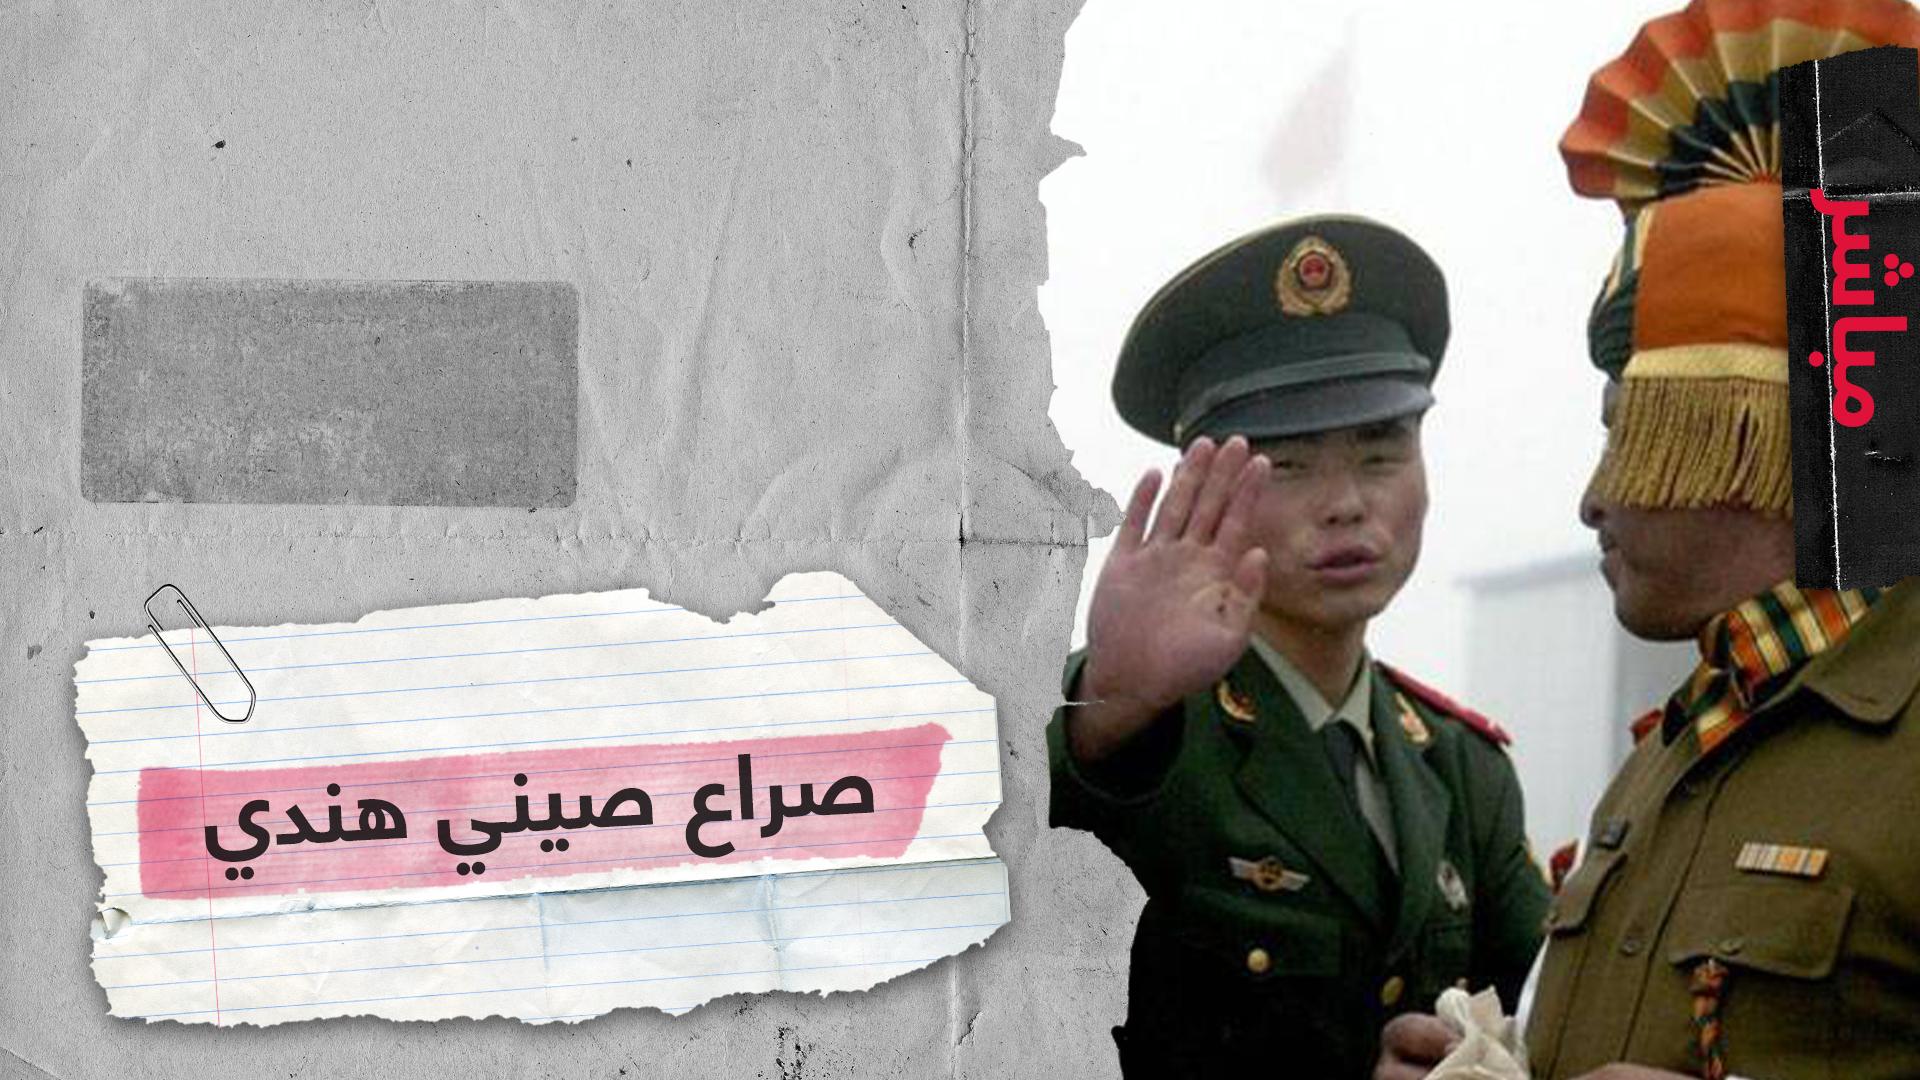 توتر عسكري بين الهند والصين.. هل تنذر الأمور بصراع في آسيا؟